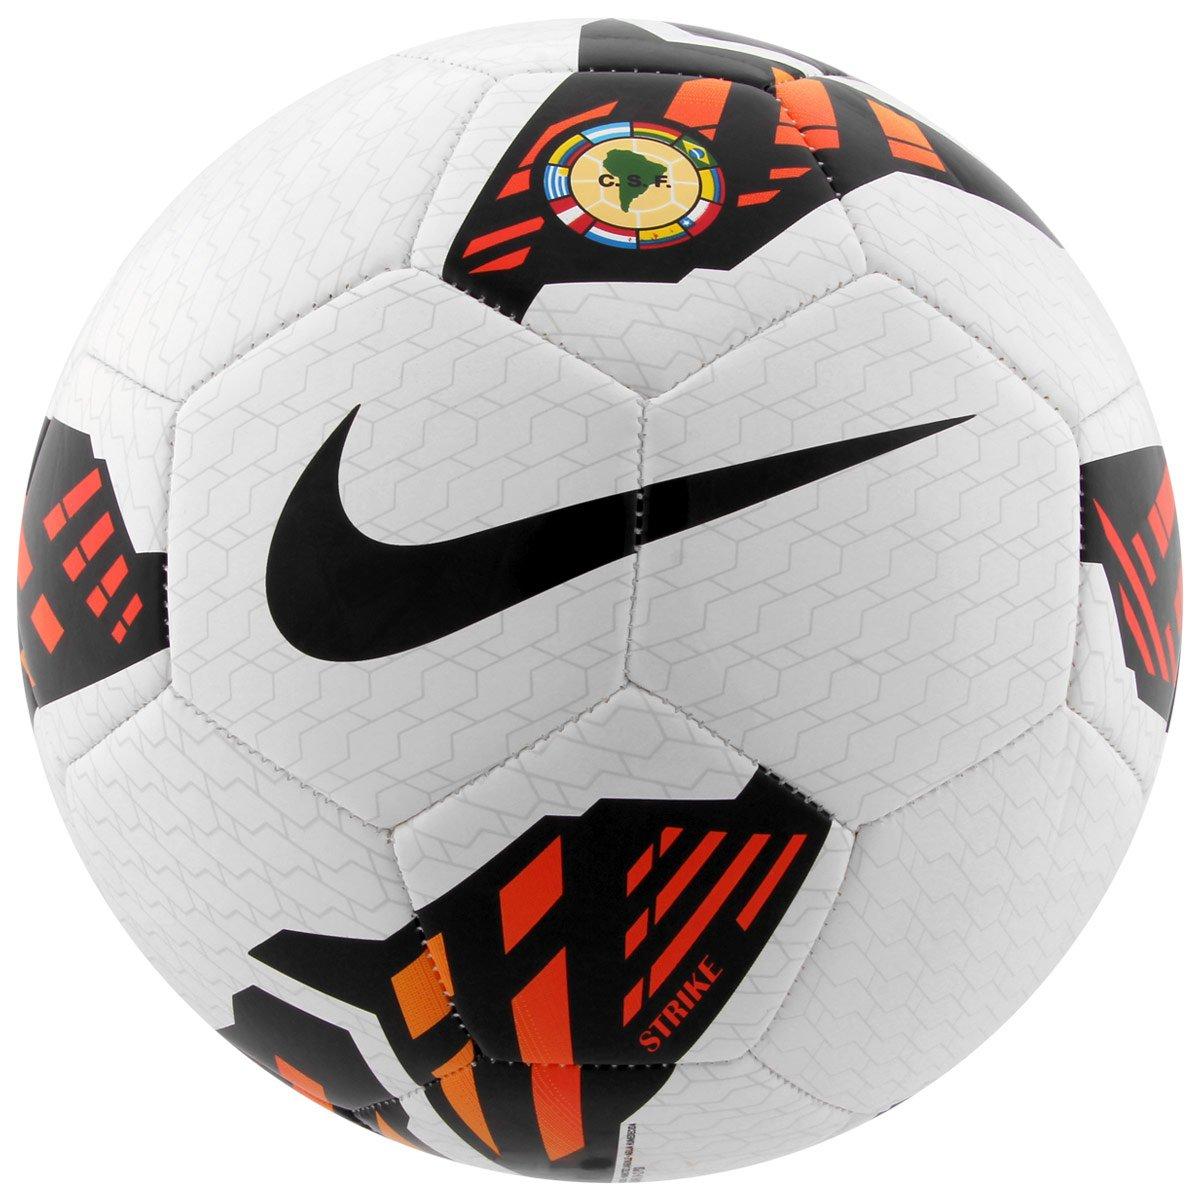 Bola Futebol Nike Strike CSF Campo - Libertadores - Compre Agora ... 87e5e53c5f716